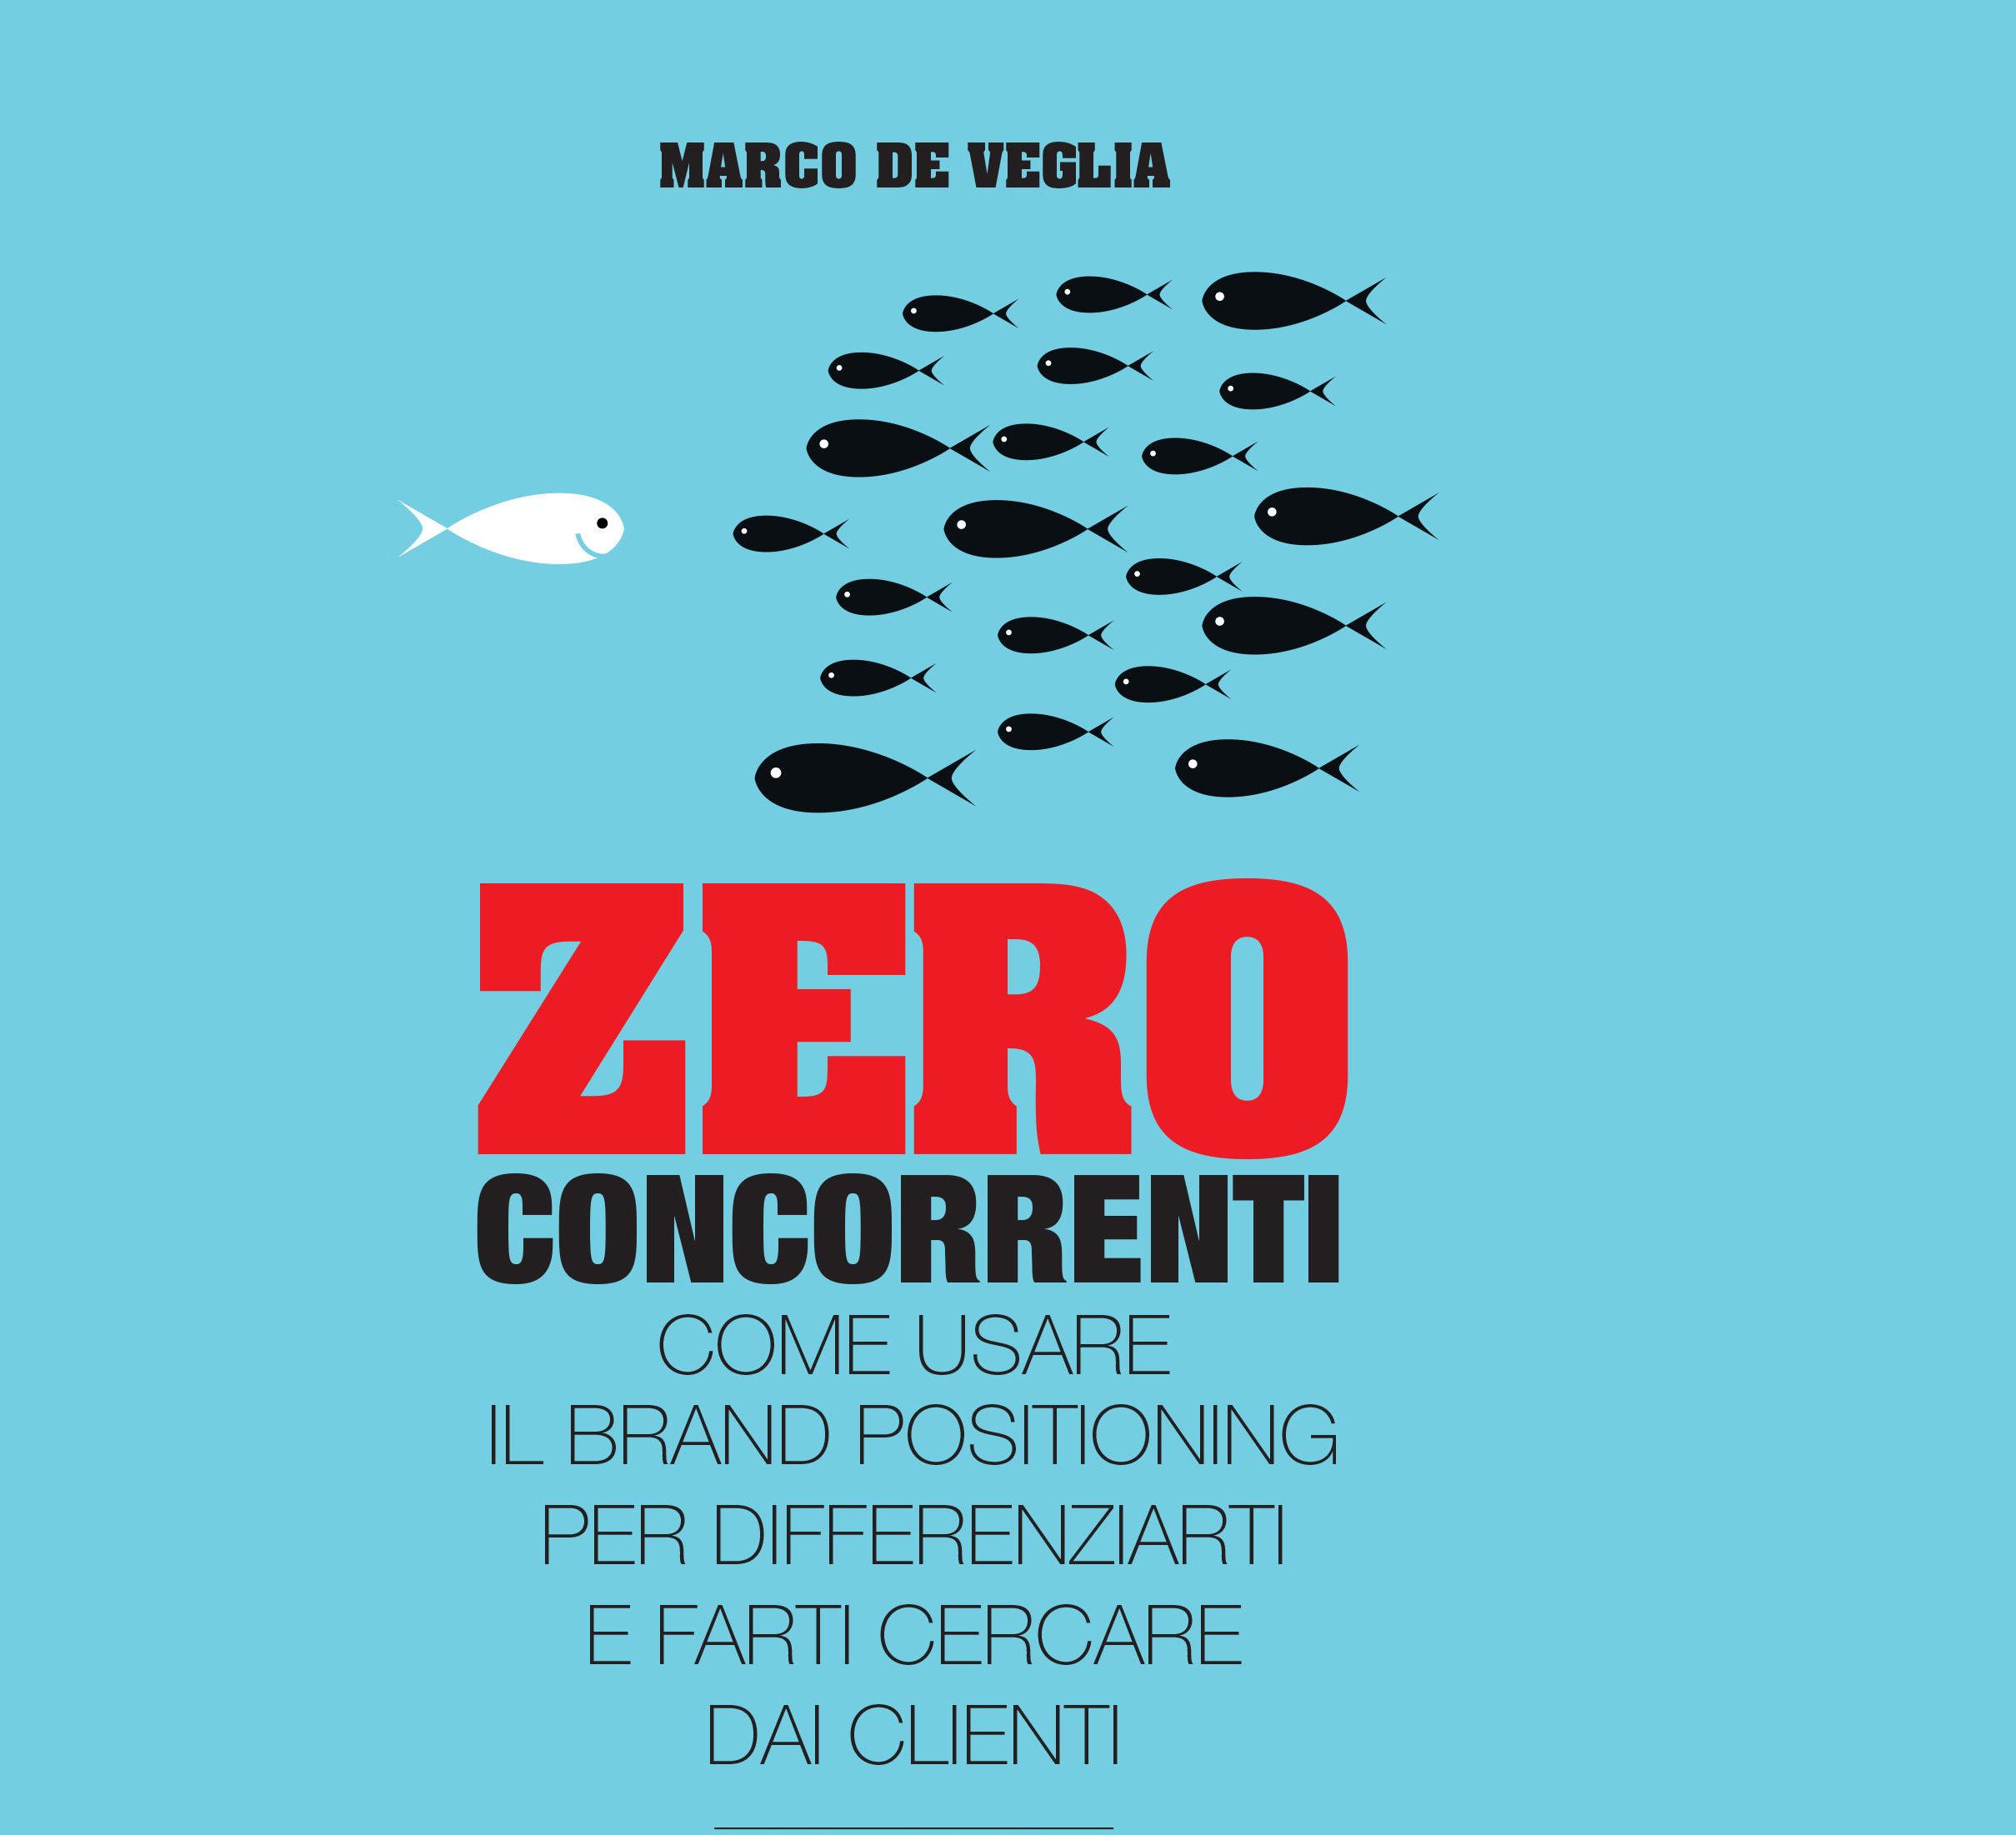 https://www.promotionmagazine.it/wp/wp-content/uploads/2017/05/Copertina_Zero-Concorrenti_DE-VEGLIA_quadrato2-e1496050376163.jpg